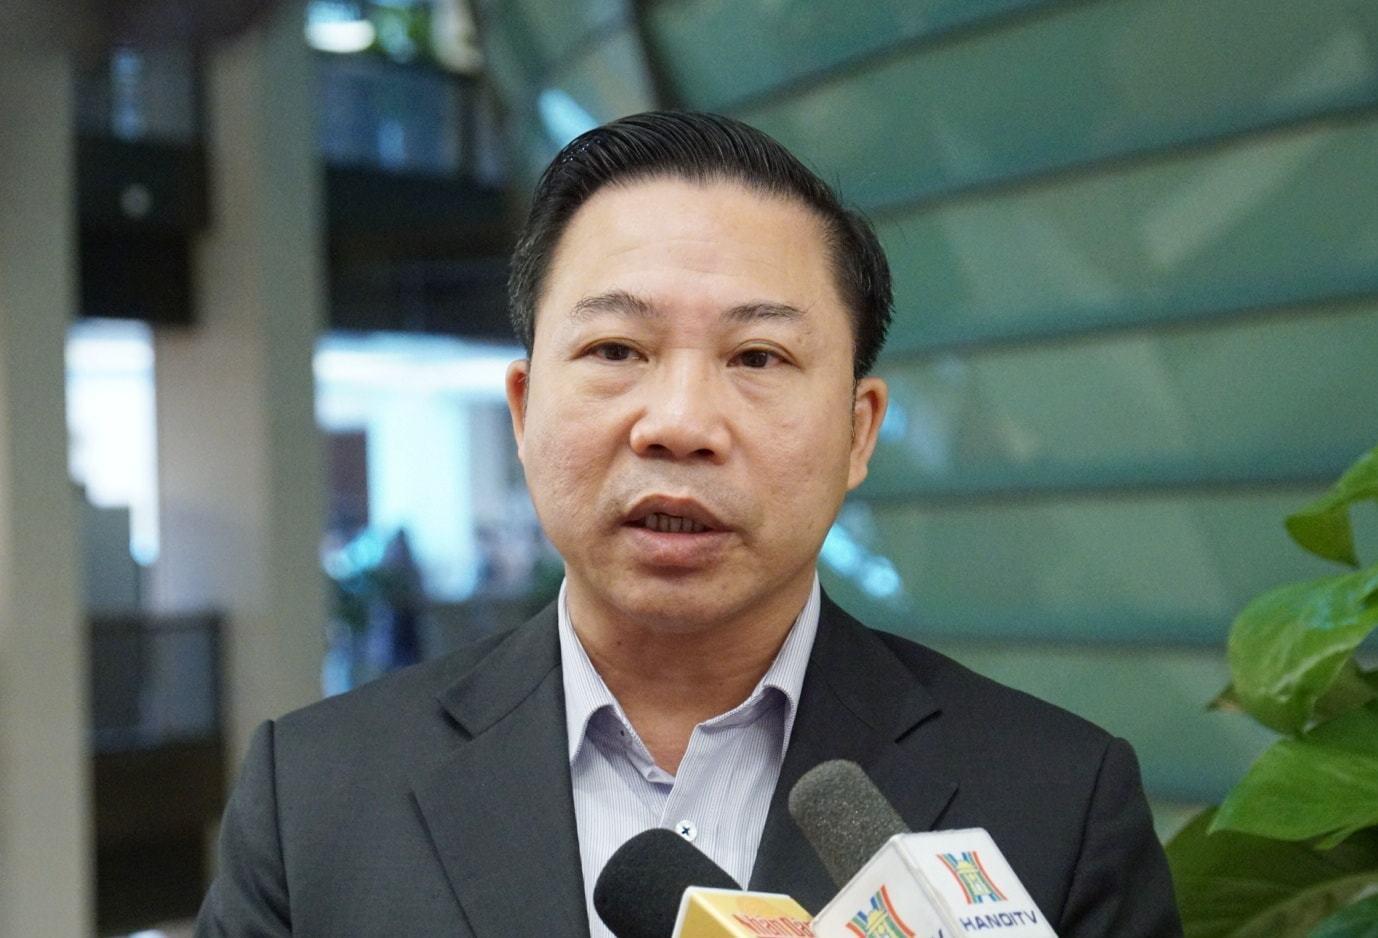 tai nạn đường sắt,đường sắt,Nguyễn Văn Thể,Bộ trưởng GTVT,tai nạn,tai nạn giao thông,Lưu Bình Nhưỡng